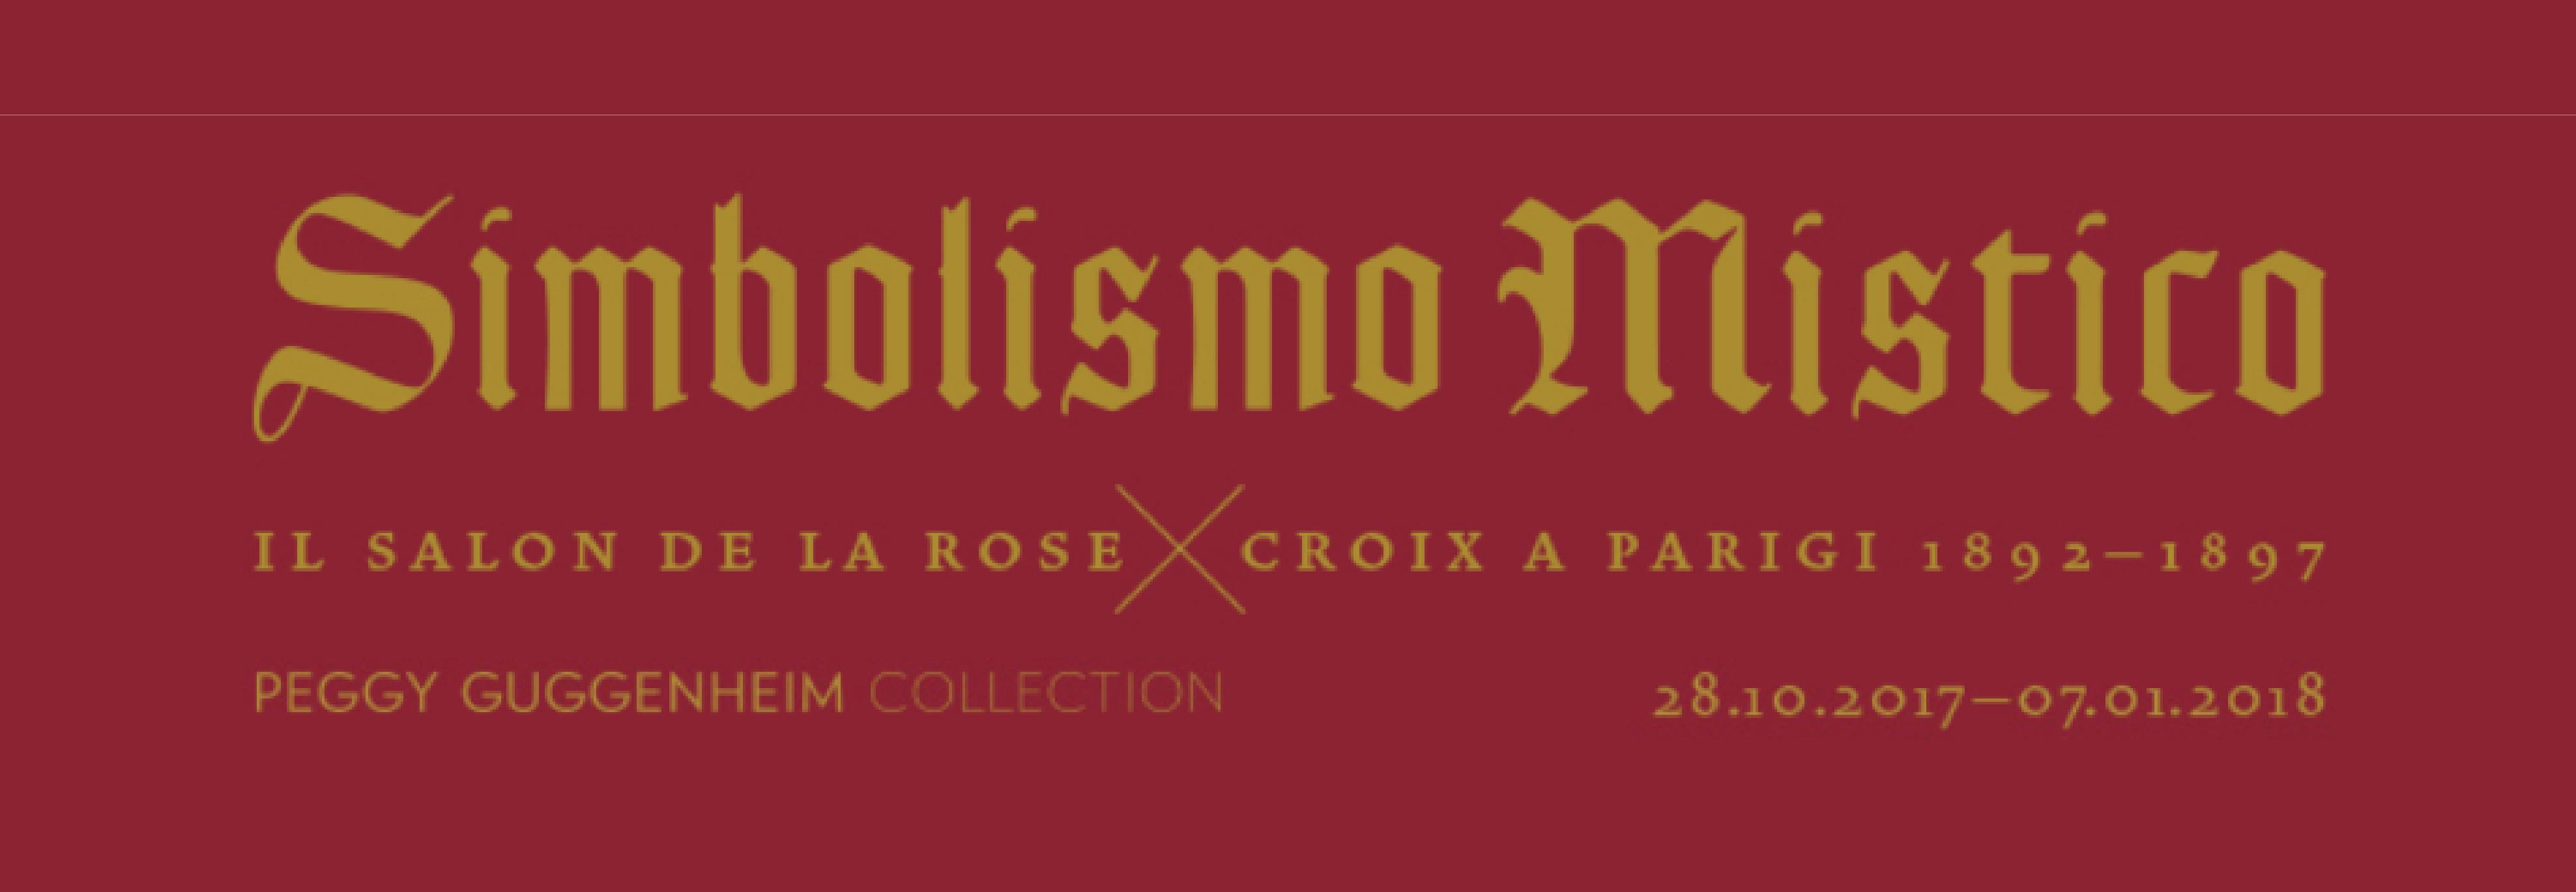 Dicembre anche cultura filosofia e arte for Salon rose croix